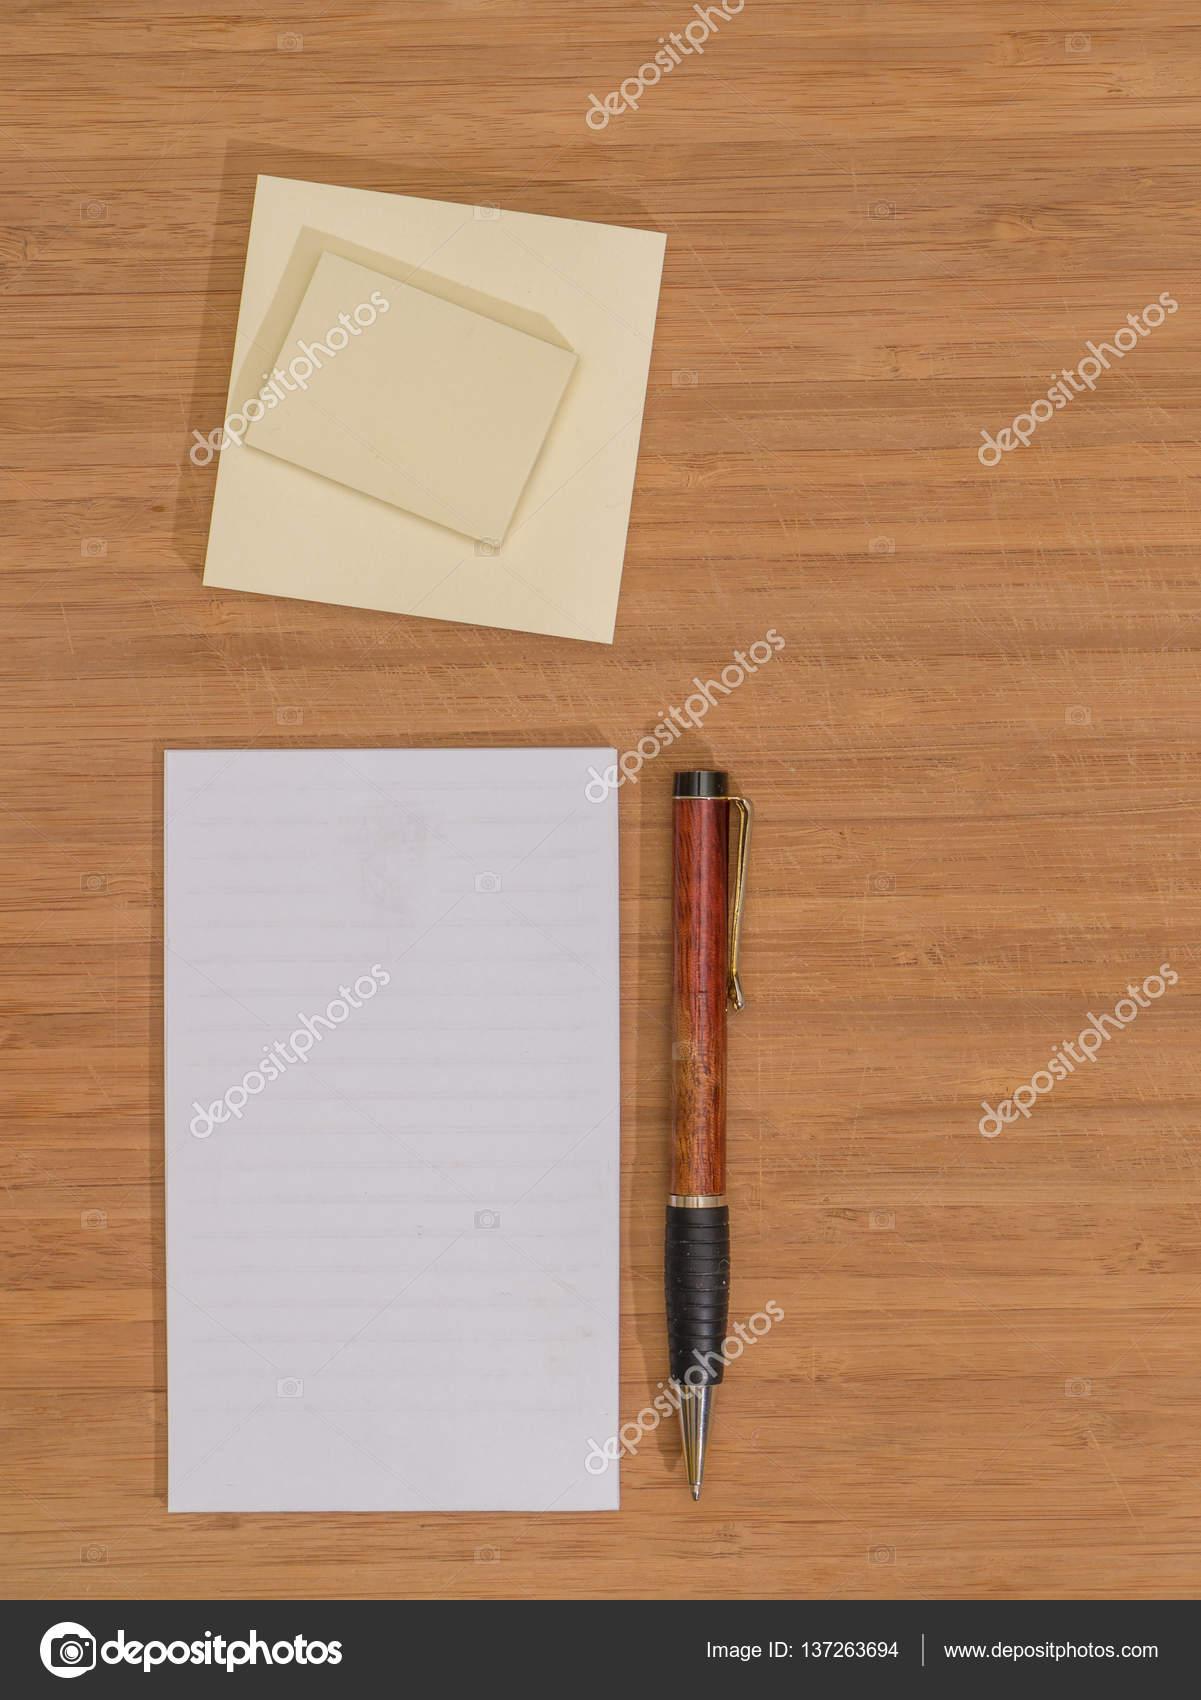 Bureau bambou, stylo, bloc-Note, pense-bête — Photographie DMHENRY on